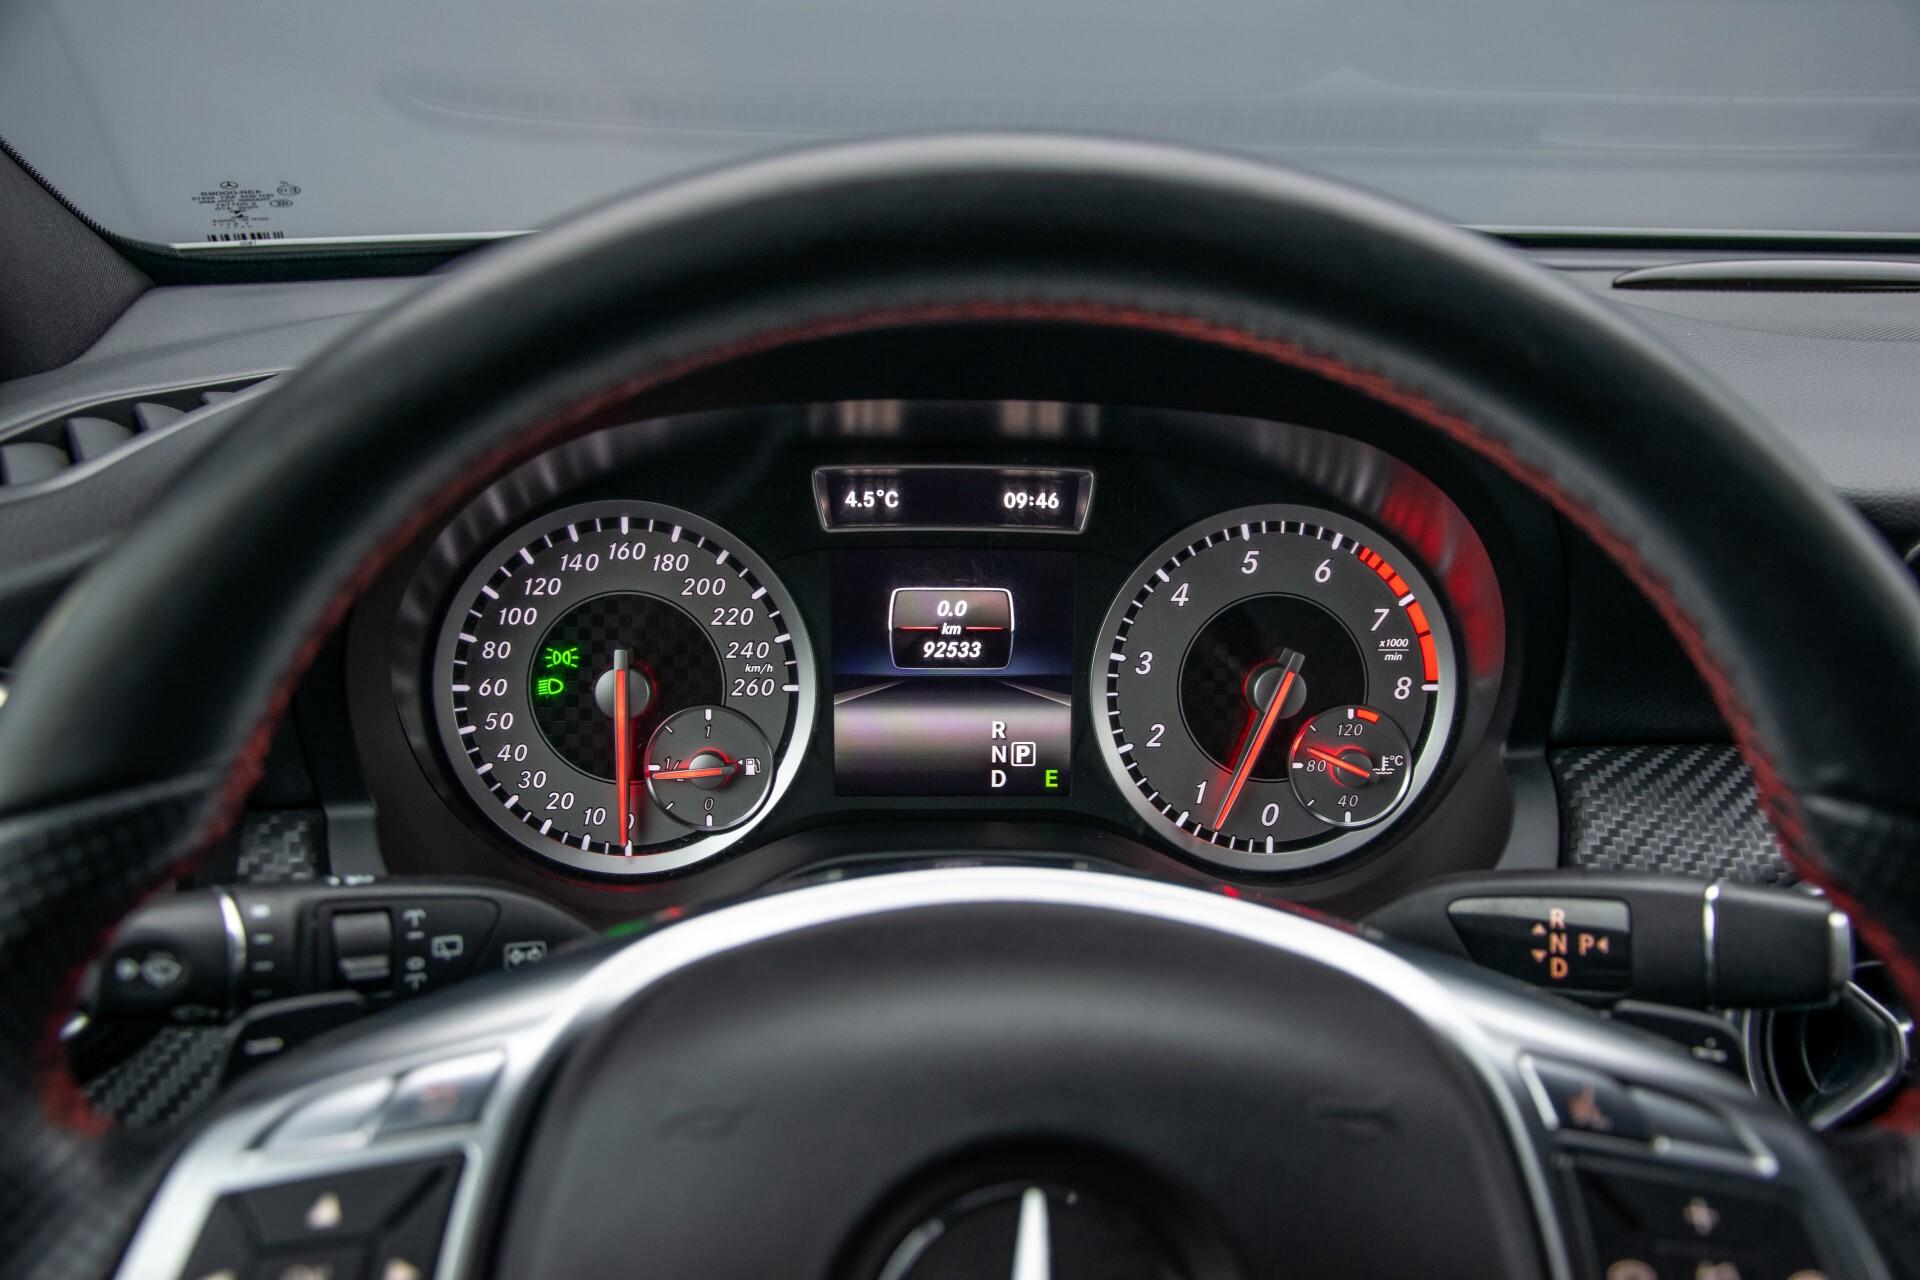 Mercedes-Benz A-Klasse 180 AMG Dynamic Handling/Camera/Xenon/Navi/Privacy Aut7 Foto 12